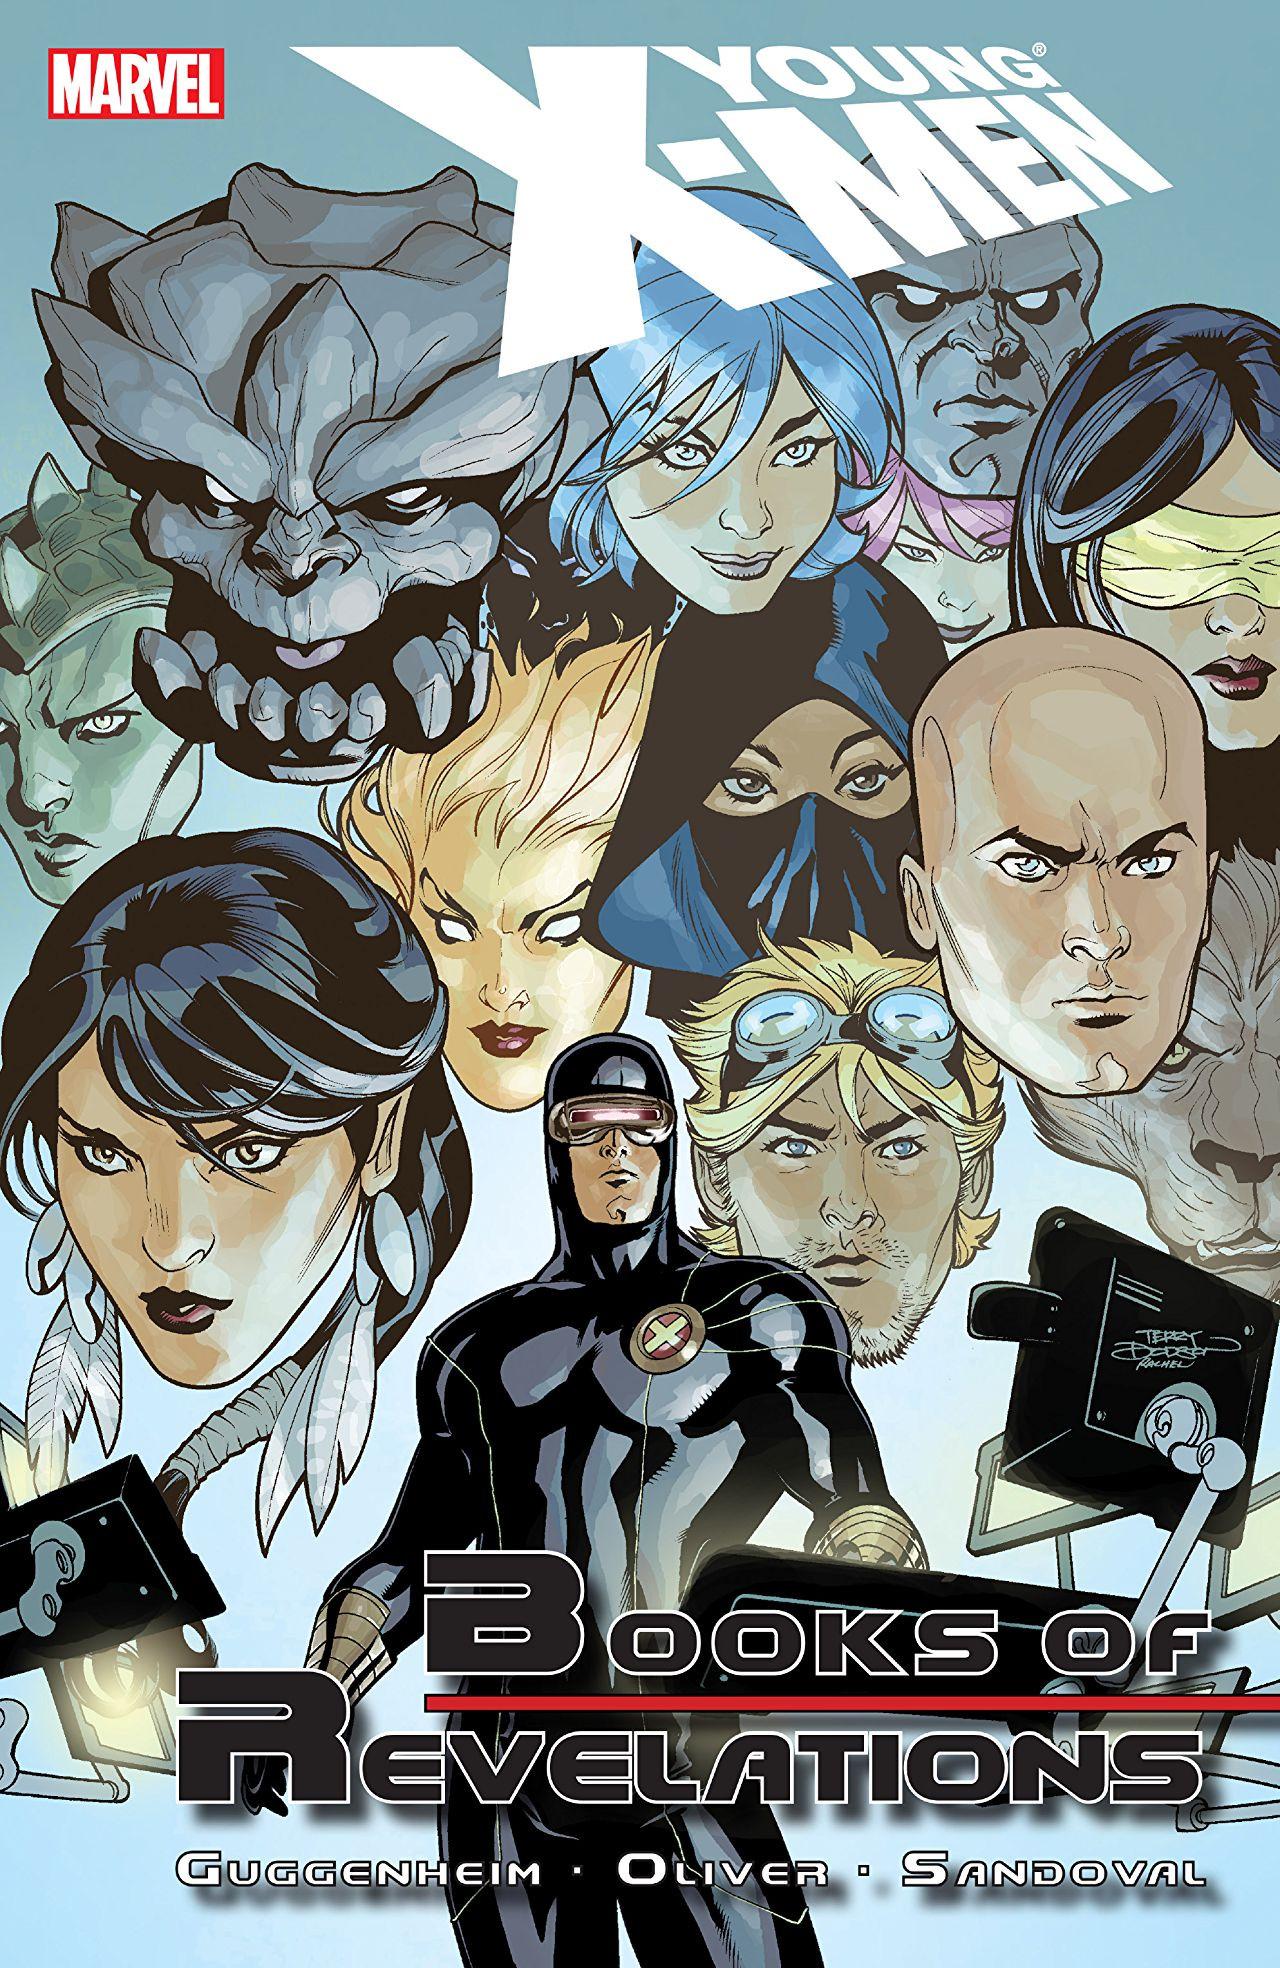 Young X-Men TPB Vol 1 2: Book of Revelations